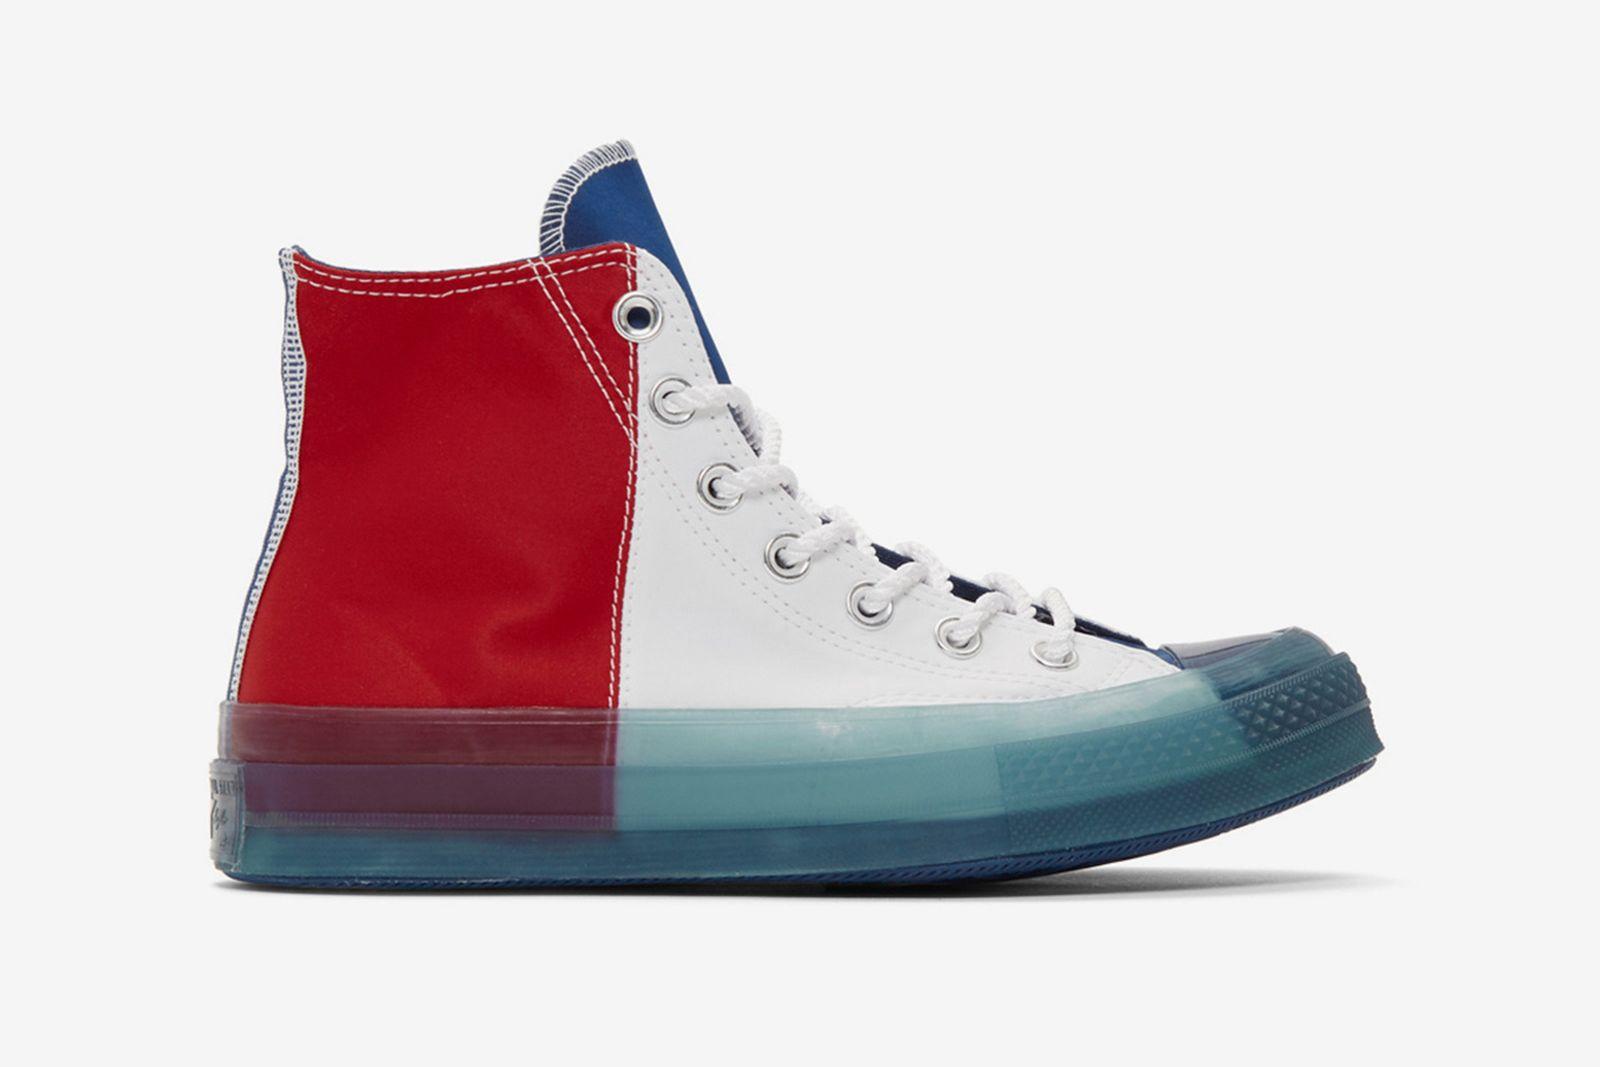 beneficio dedo Kilómetros  Converse Chuck '70 Hi Sneakers: Release Date, Price, & More